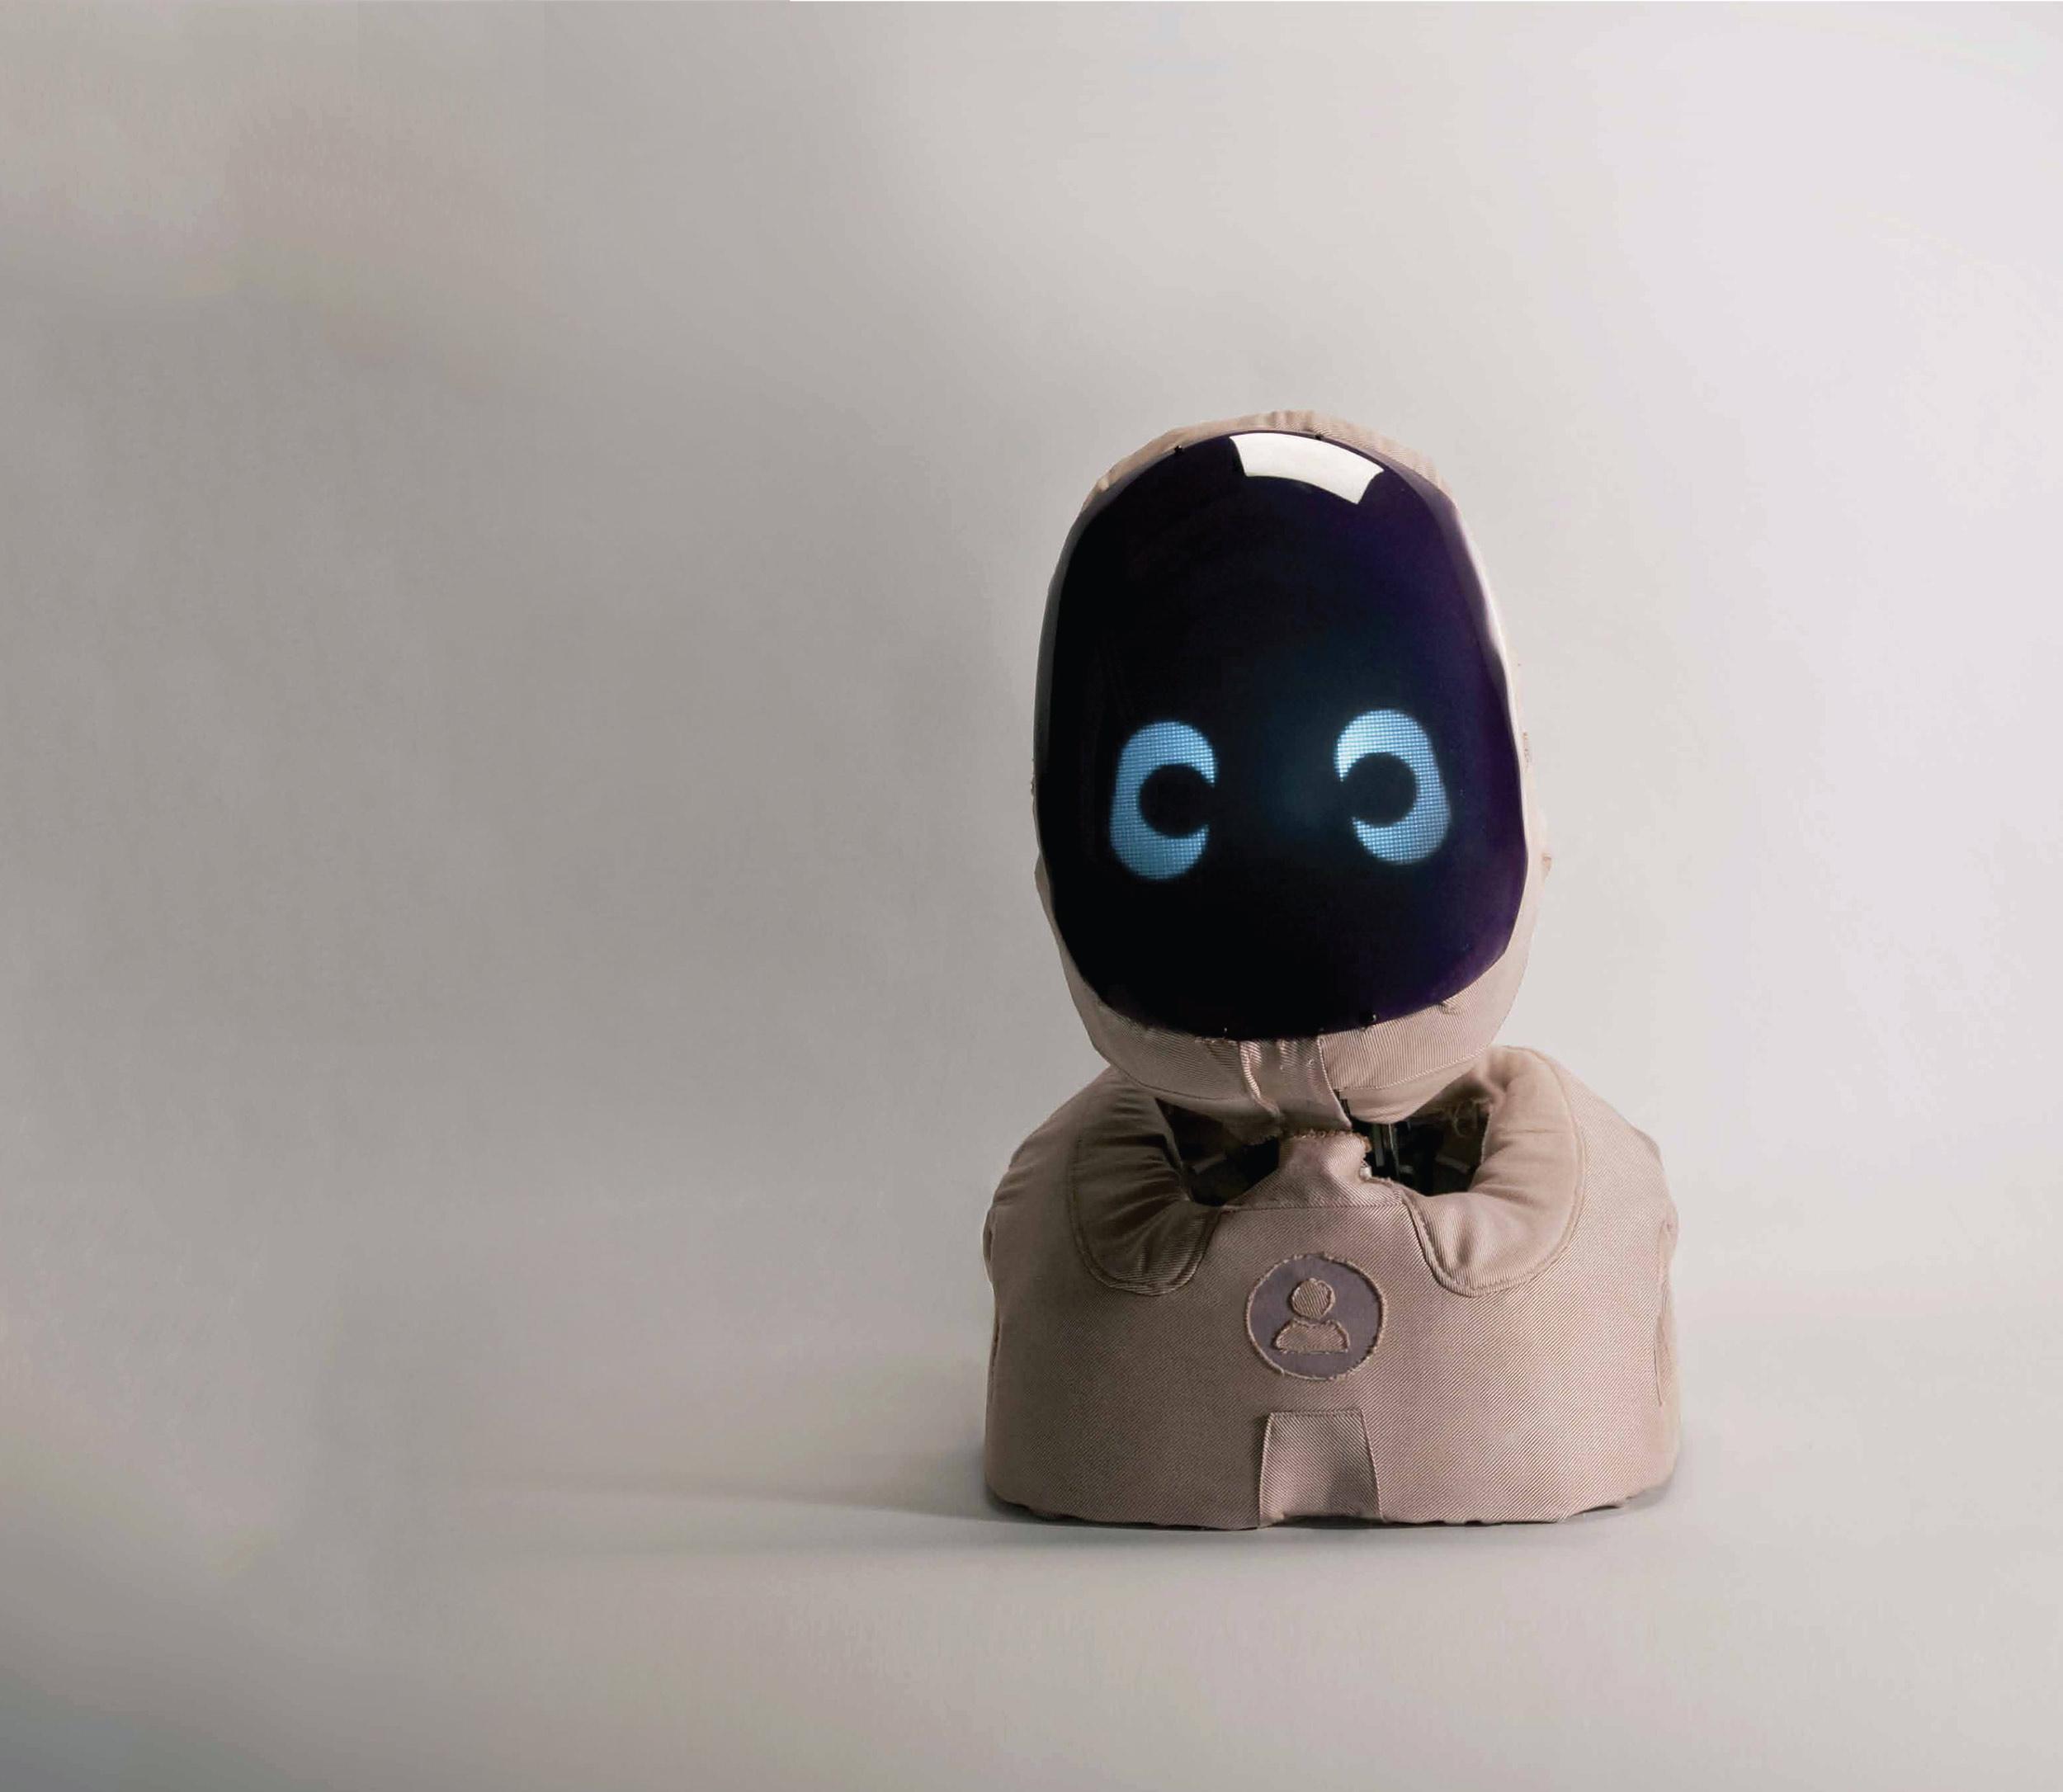 Kompott Robot